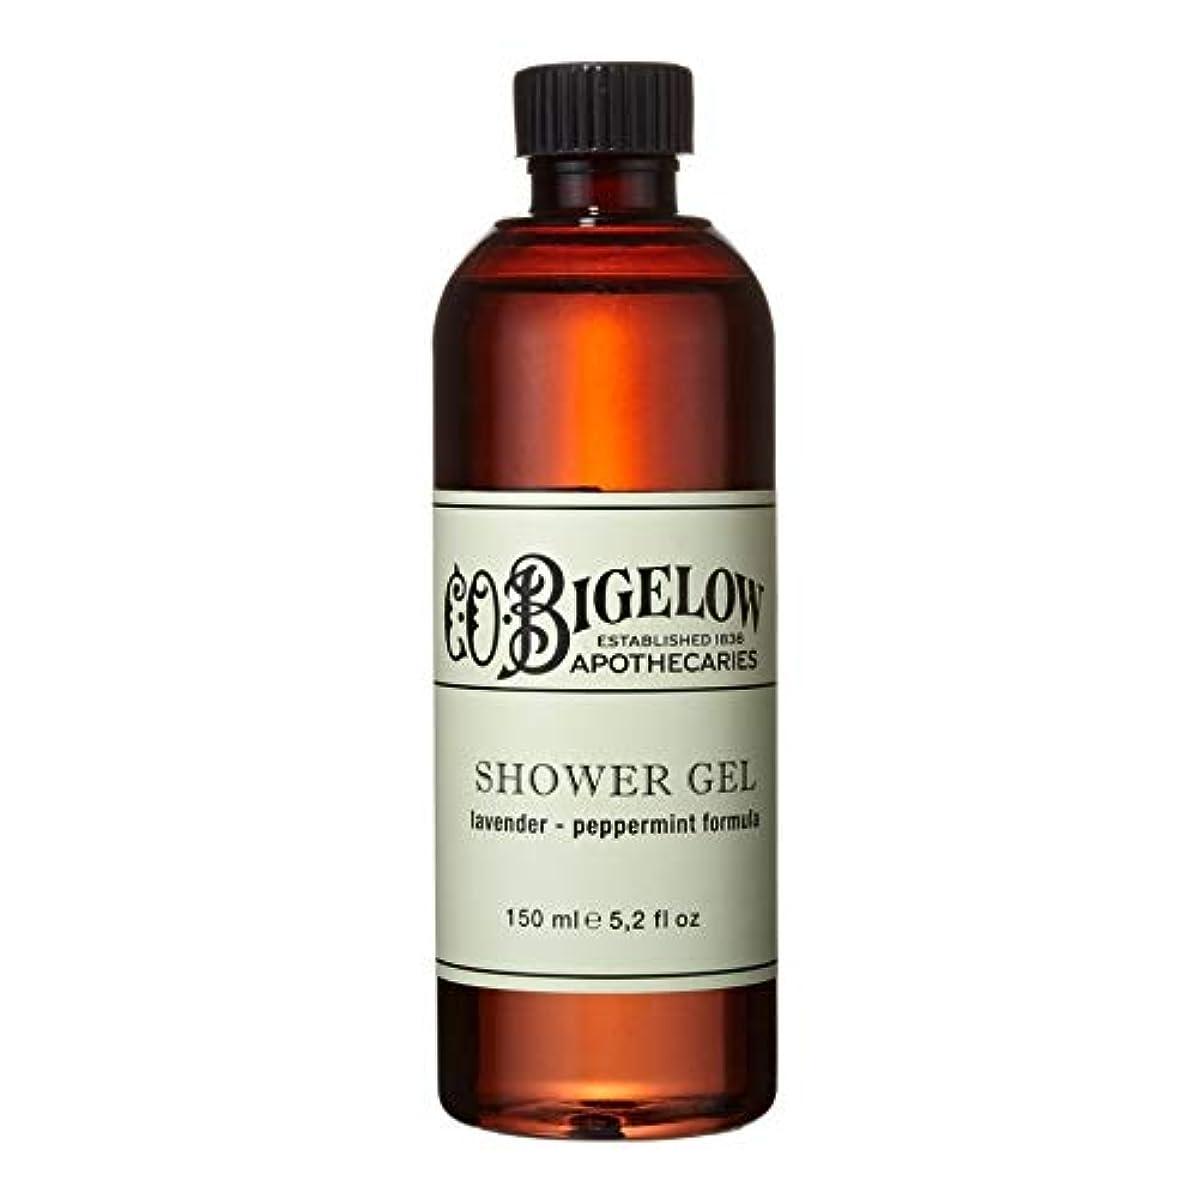 キャプション明確な甘美な[C.O. Bigelow] C.O.ビゲローラベンダー、ペパーミントシャワージェル150Ml - C.O. Bigelow Lavender and Peppermint Shower Gel 150ml [並行輸入品]